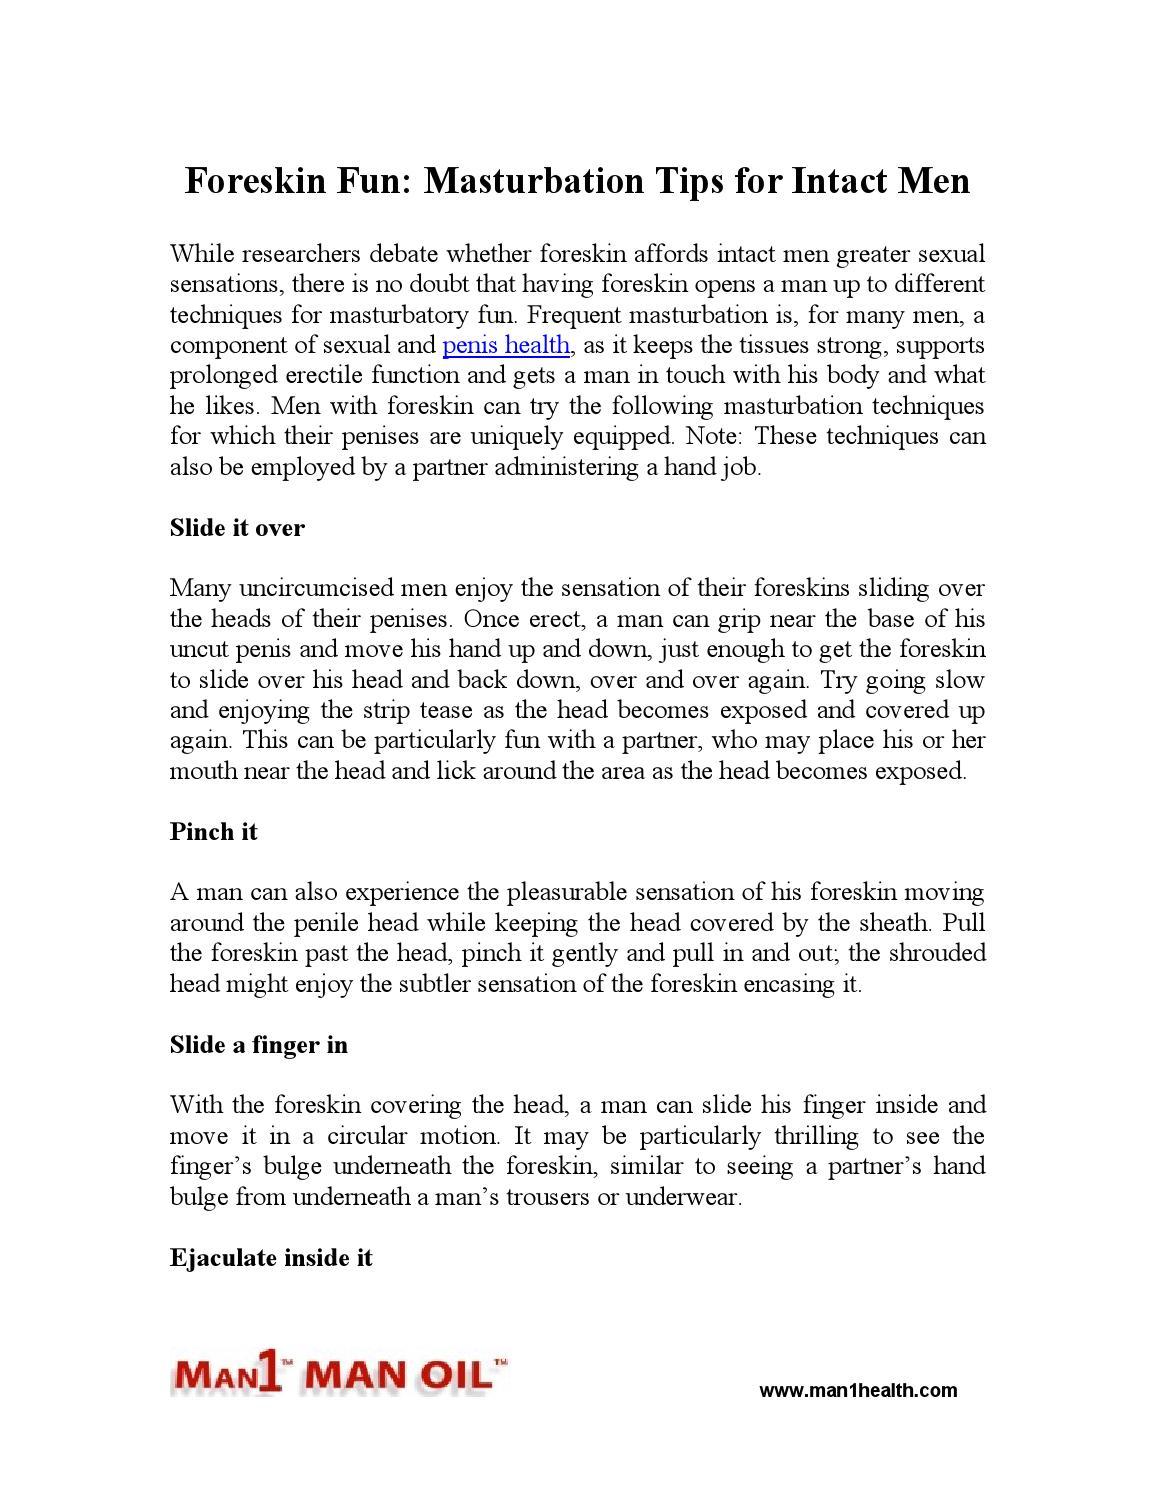 Foreskin masturbation tips-1171